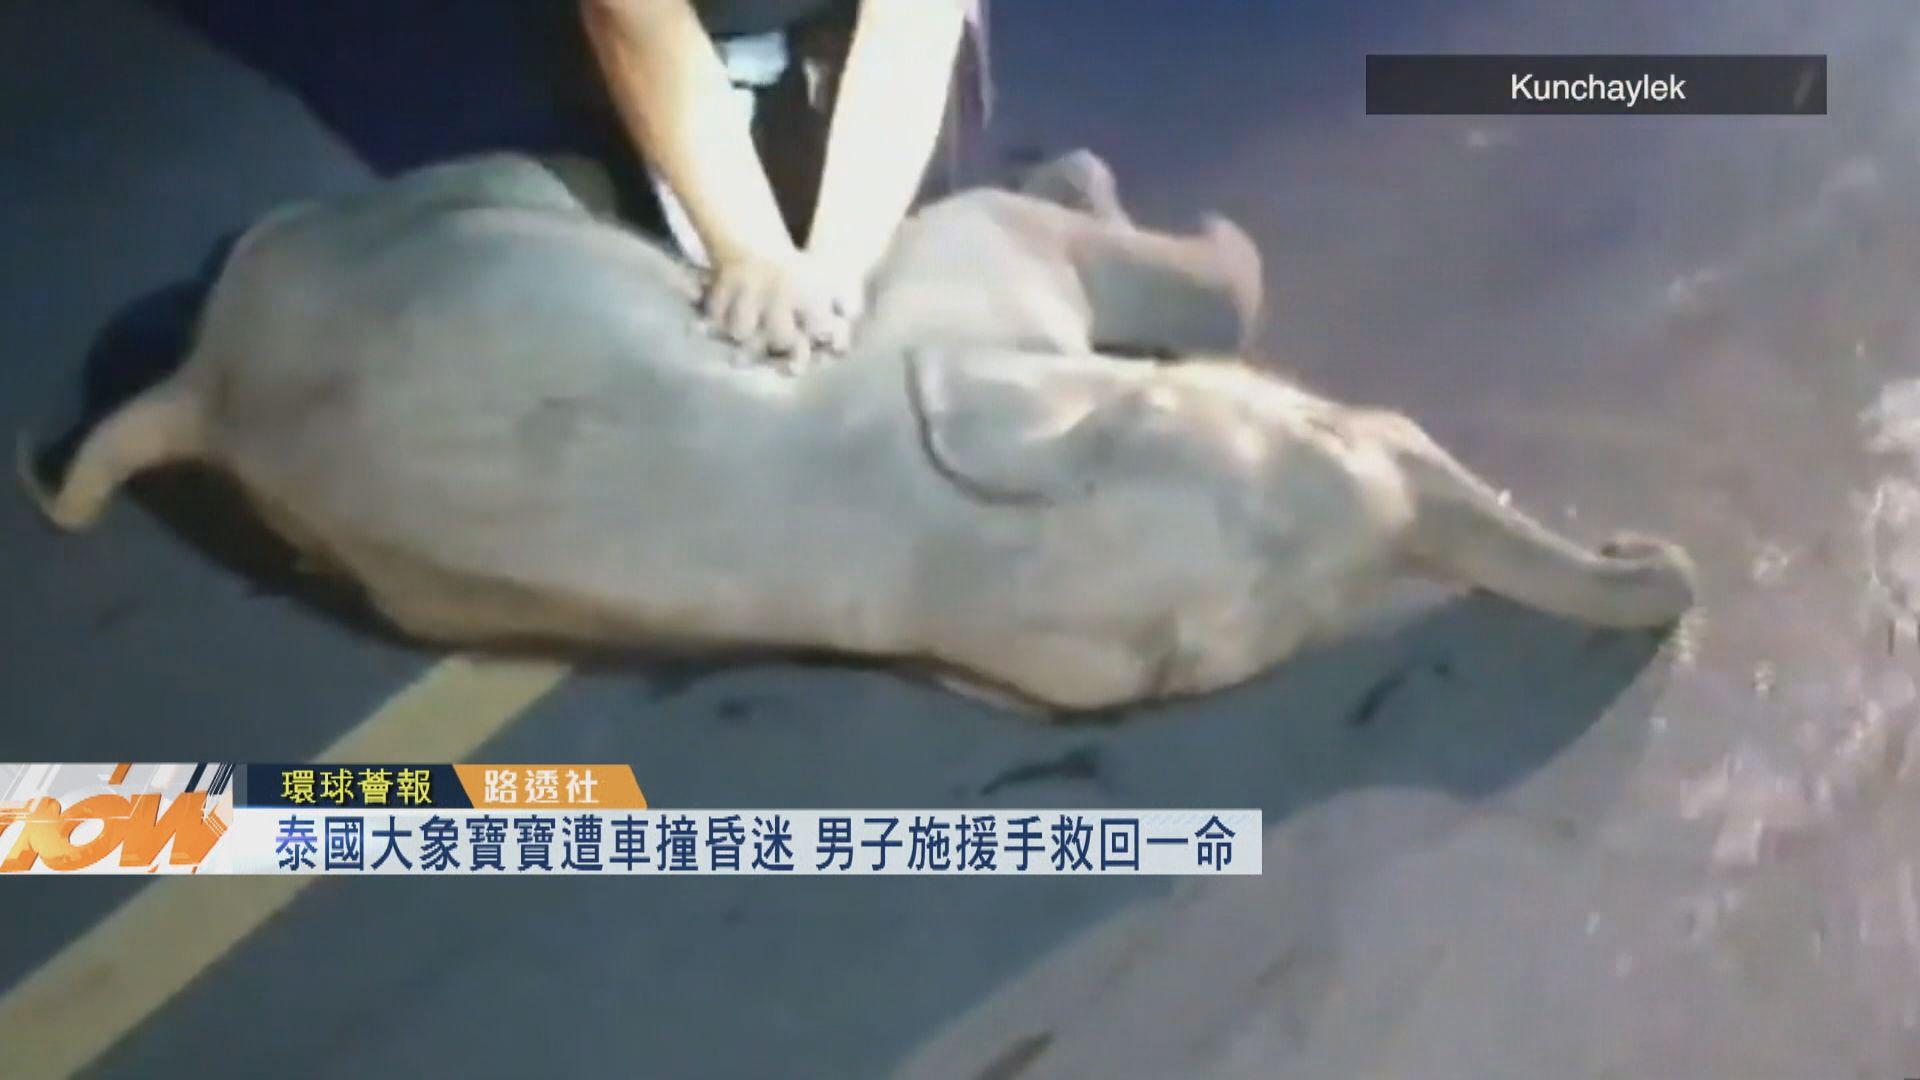 【環球薈報】泰國大象寶寶遭車撞昏迷 男子施援手救回一命